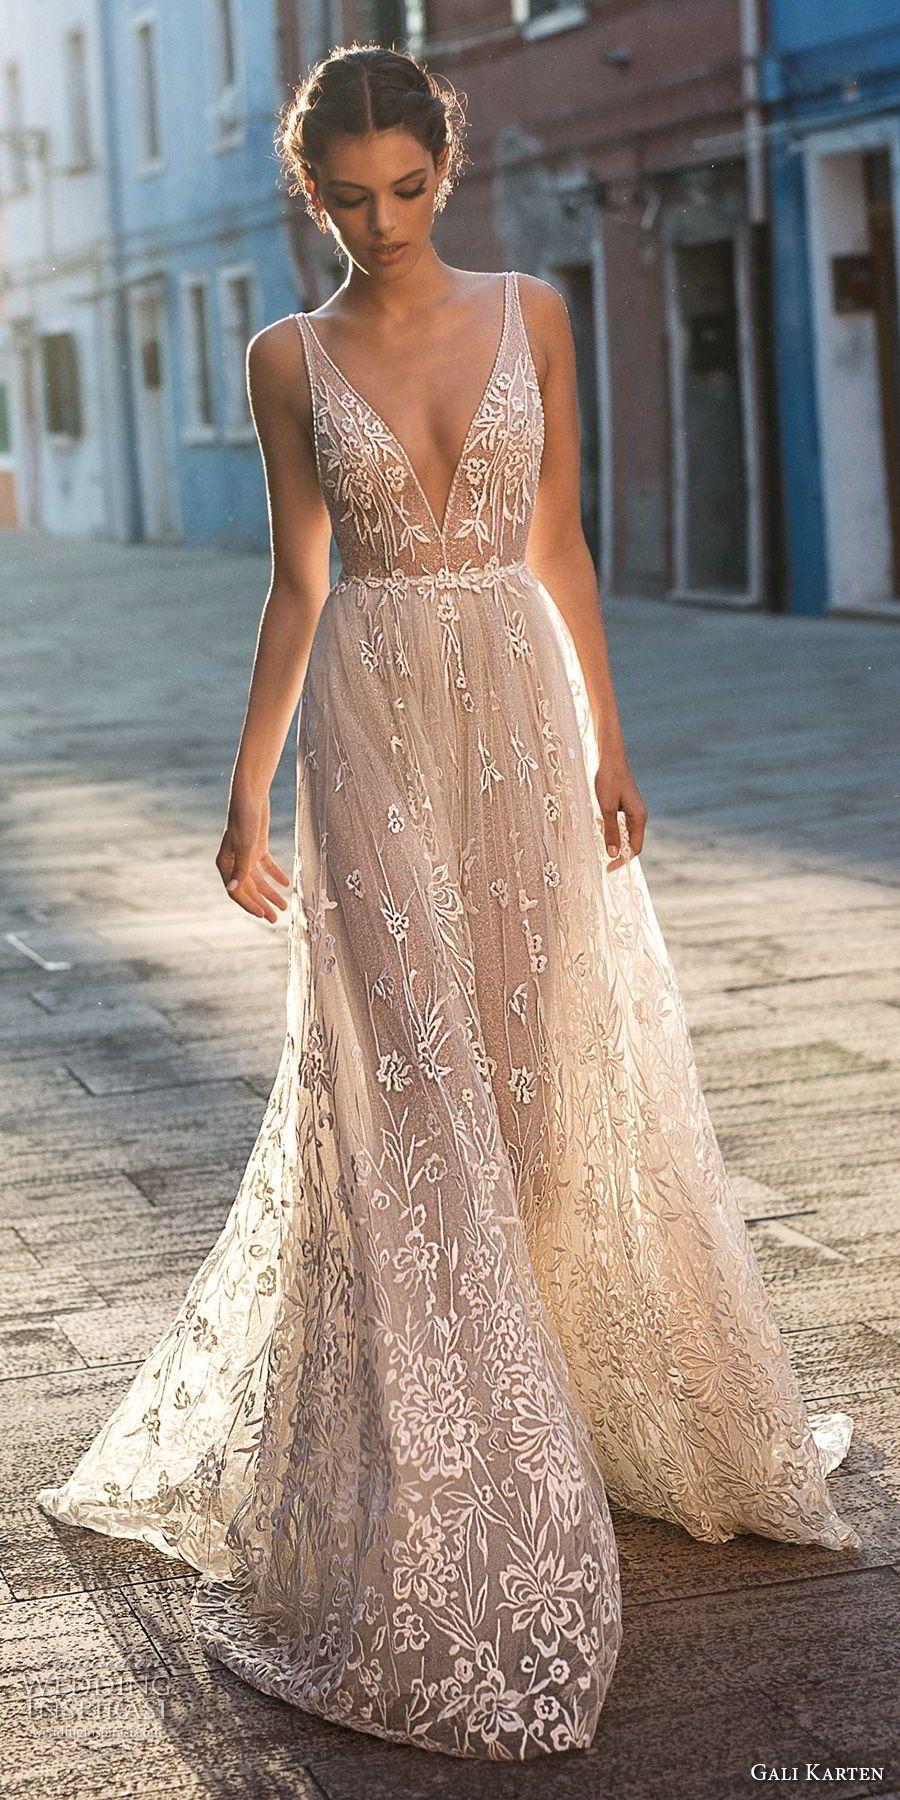 Gali karten bridal sleeveless deep v neck full embellishment